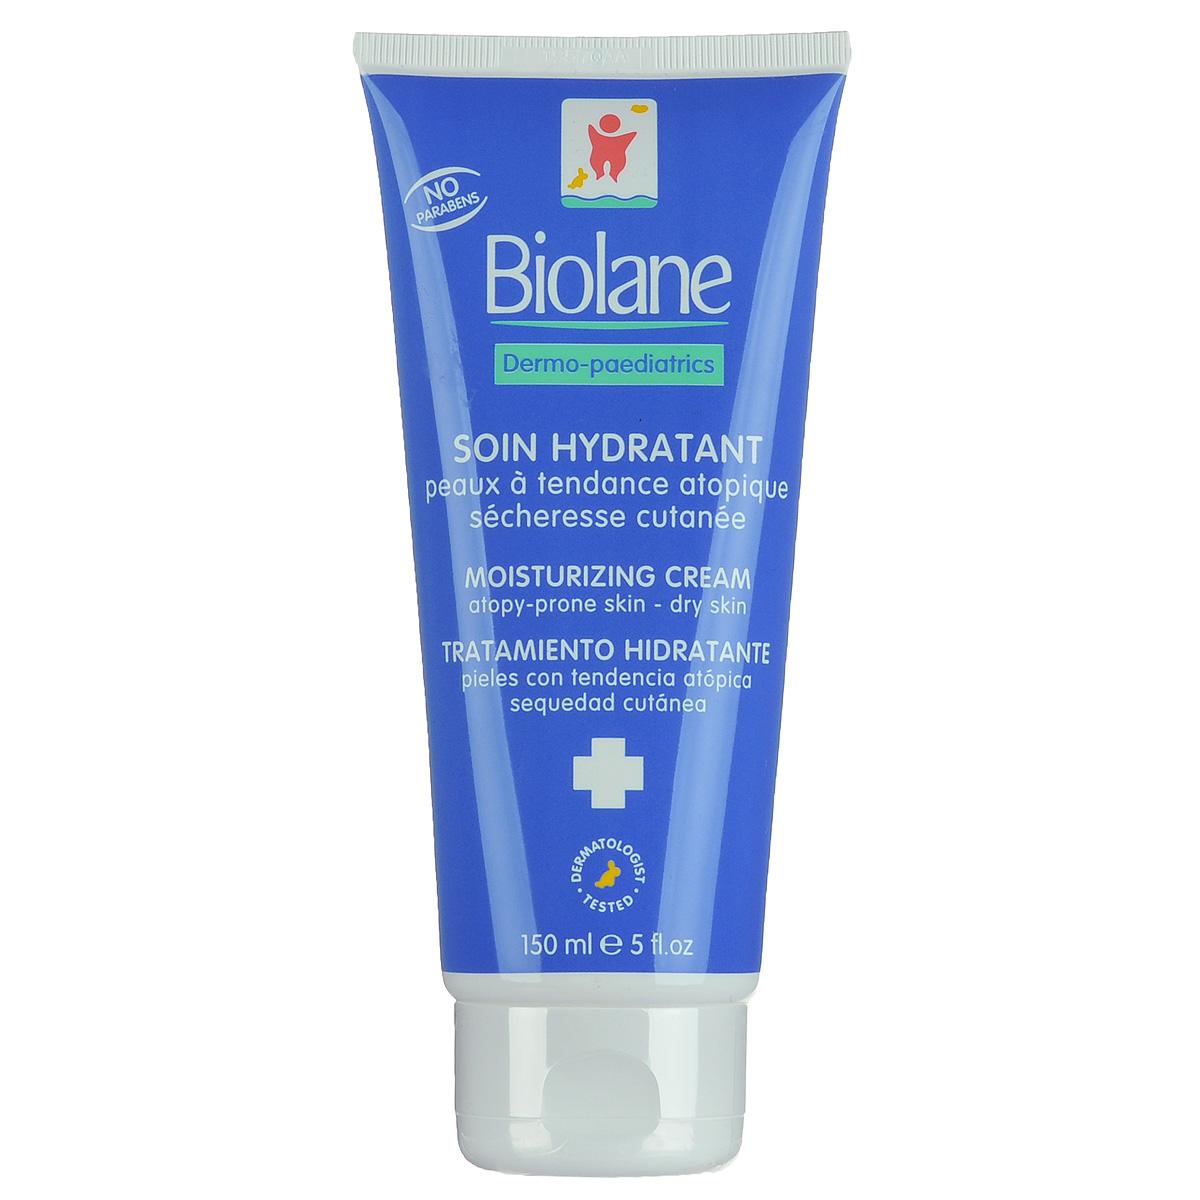 Biolane Детский крем-уход для лица и тела, увлажняющий, 150 млBSHEXPДетский крем-уход для лица и тела Biolane питает и смягчает сухую кожу грудных и маленьких детей, склонную к раздражениям. Представляет собой новейший комплекс увлажняющих и восстанавливающих веществ, включающих фосфолипиды, провитамин B5, аминокислоты и минеральные вещества и формулу Hydra-Bleine на основе масла зародышей пшеницы. Крем восстанавливает кожу ребенка, укрепляя ее естественный фосфолипидный слой: кожа младенца лучше противостоит внешнему воздействию (непогоде, трению о постель и одежду, и т.д.) Способствует регенерации поверхности кожи. Уменьшает раздражения кожи и укрепляет гидролипидную пленку на коже. Обеспечивает увлажнение и питание кожного покрова ребенка, снижает потерю влаги. Гипоаллергенен. Не содержит консервантов-парабенов и ароматизаторов. Товар сертифицирован.